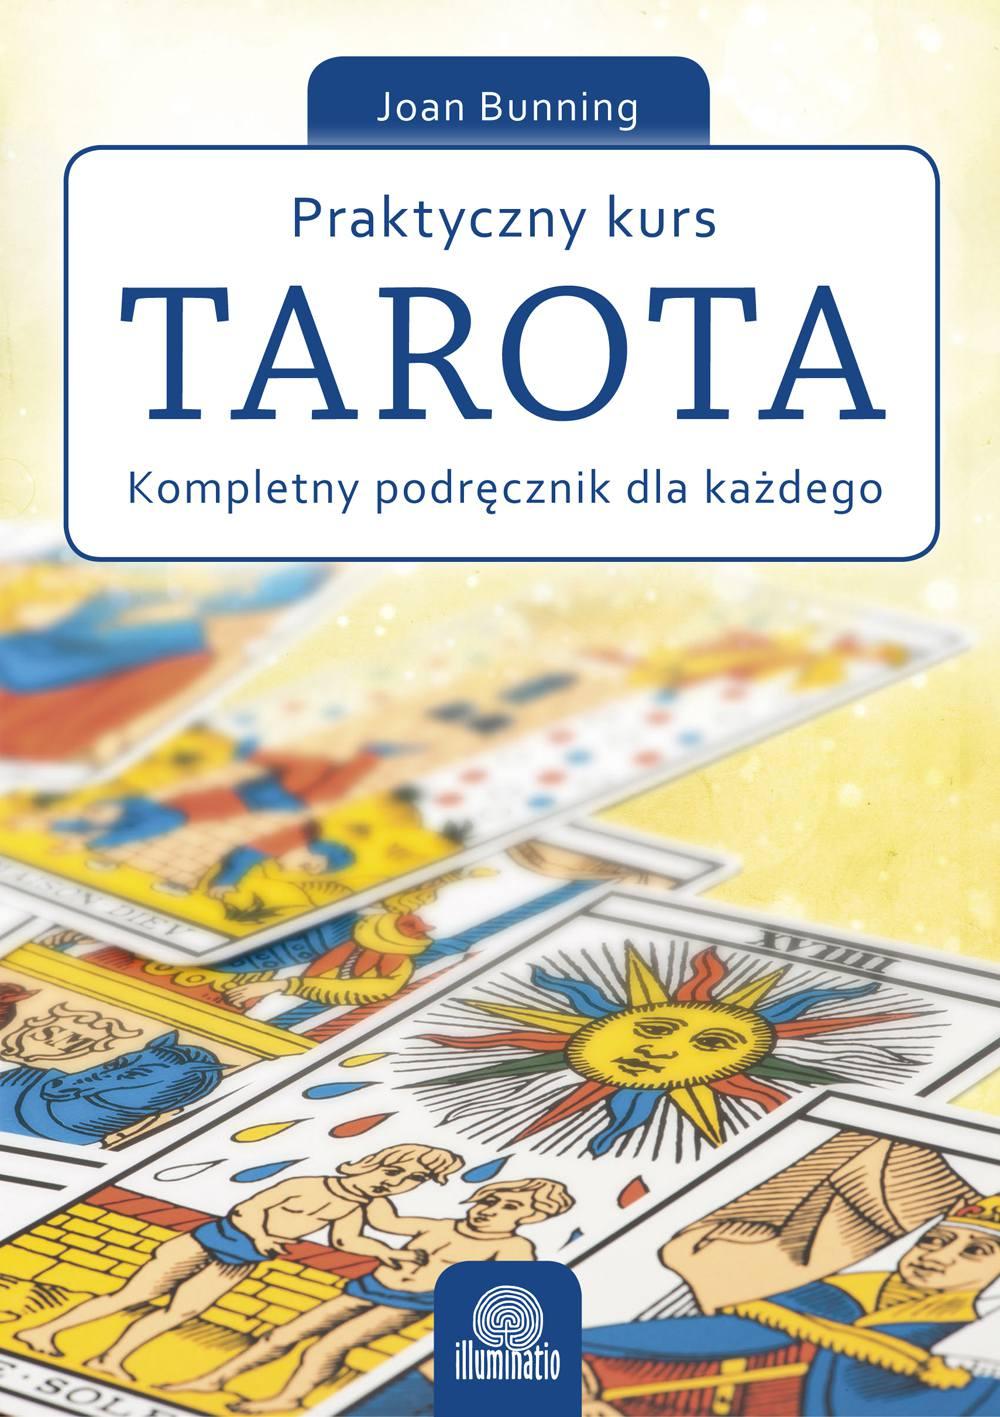 Praktyczny kurs Tarota. Kompletny podręcznik dla każdego - Ebook (Książka EPUB) do pobrania w formacie EPUB